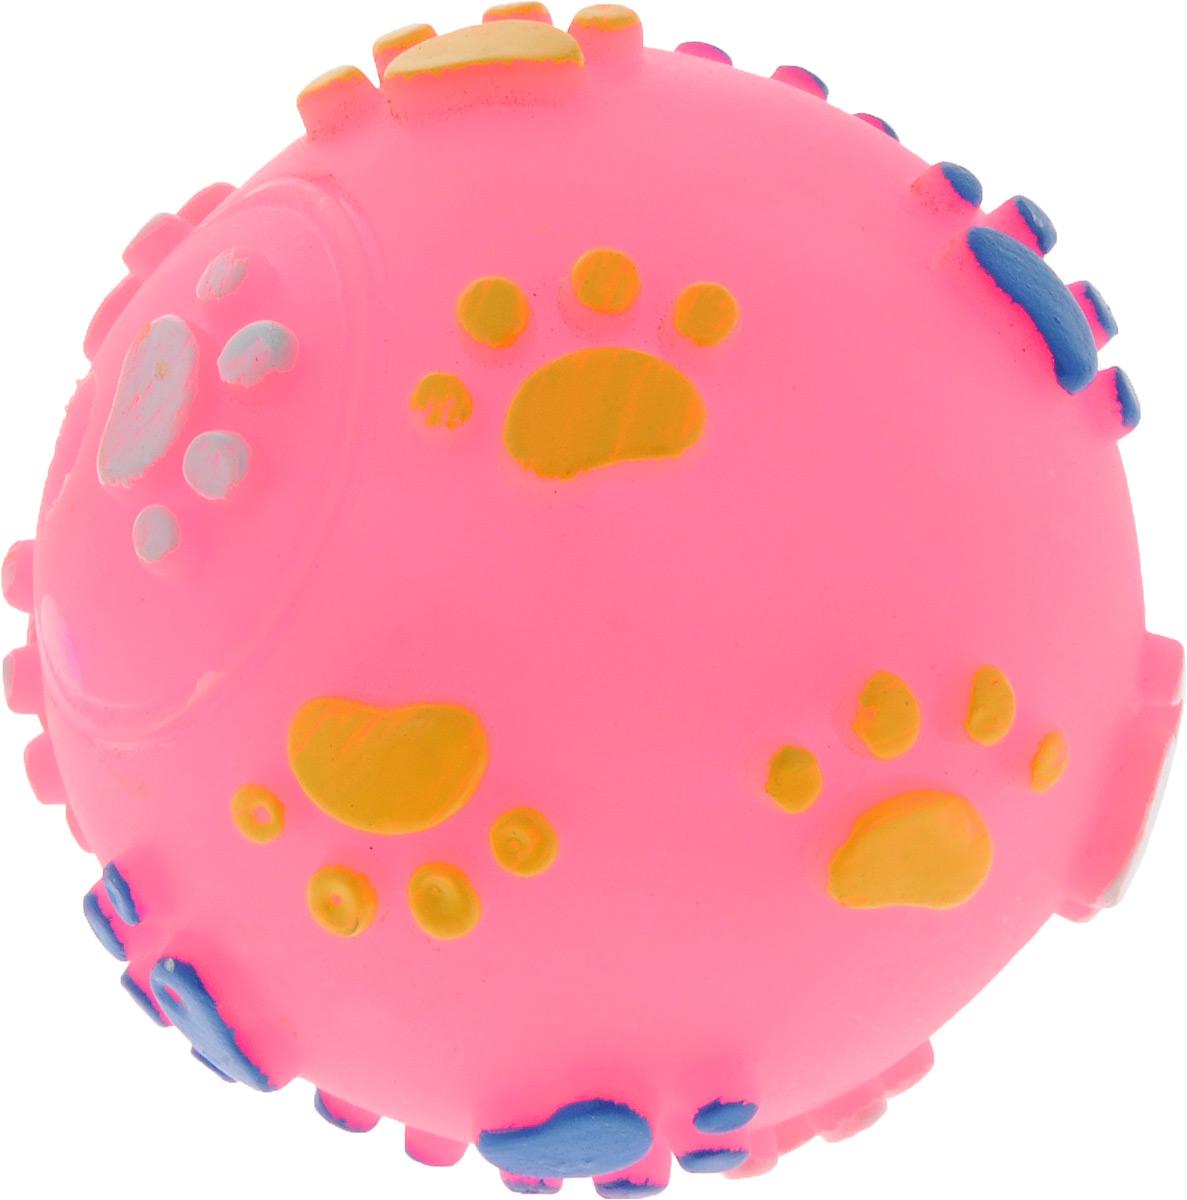 Игрушка для животных Каскад Мяч. Лапки, с пищалкой, цвет: розовый, белый, желтый, диаметр 6 см0120710Игрушка Каскад Мяч. Лапки изготовлена из прочной и долговечной резины, которая устойчива к разгрызанию. Необычная и забавная игрушка прекрасно подойдет для собак, любящих игрушки с пищалками. Игрушка оснащена пищалкой. Диаметр: 6 см.